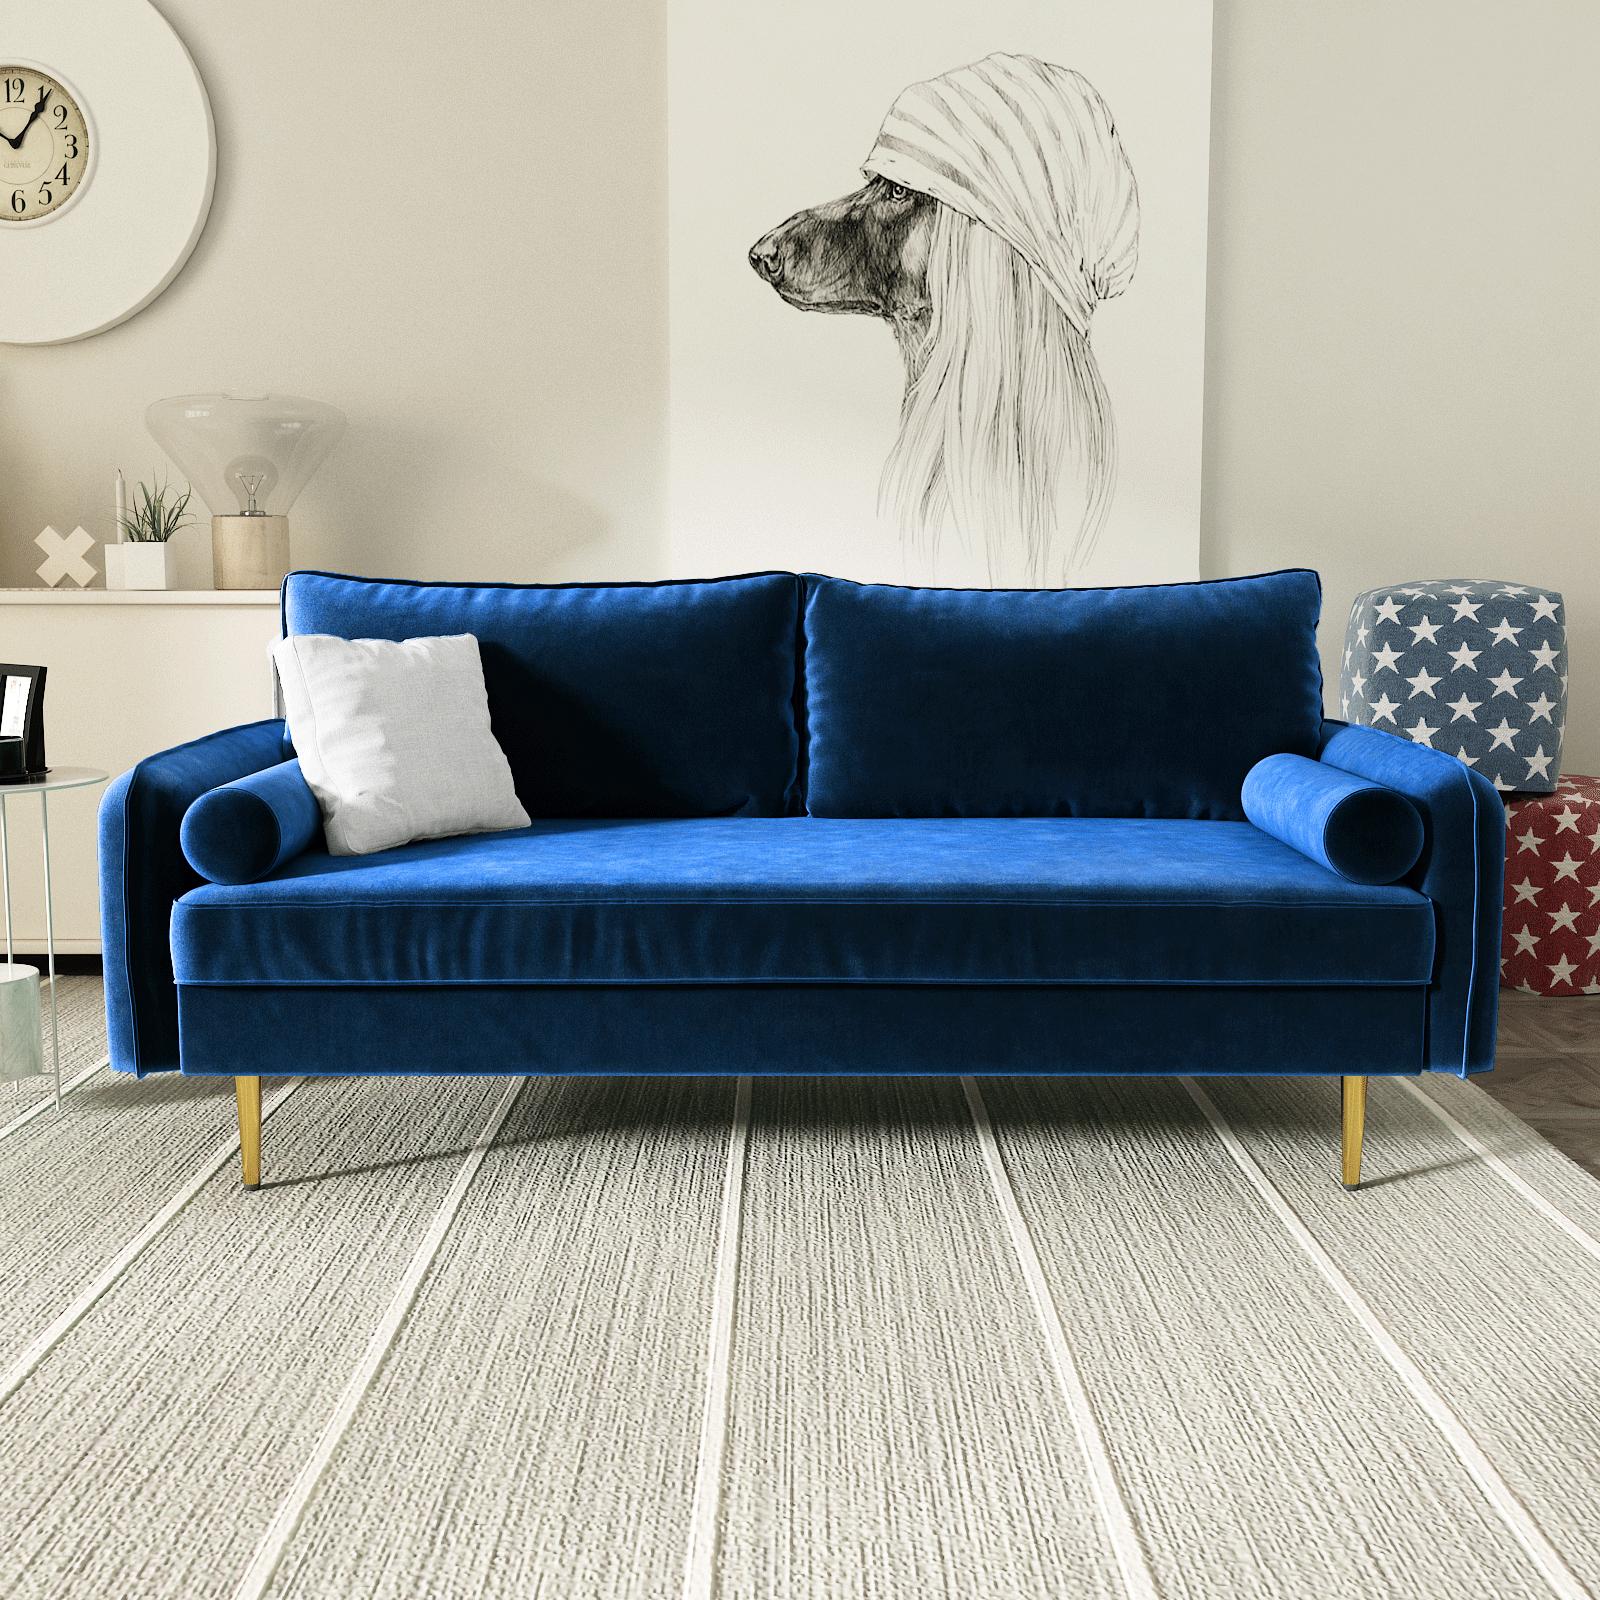 Maryjanet Velvet Sofa Range In Space Blue Ifurniture The Intended For Strummer Velvet Sectional Sofas (View 12 of 15)